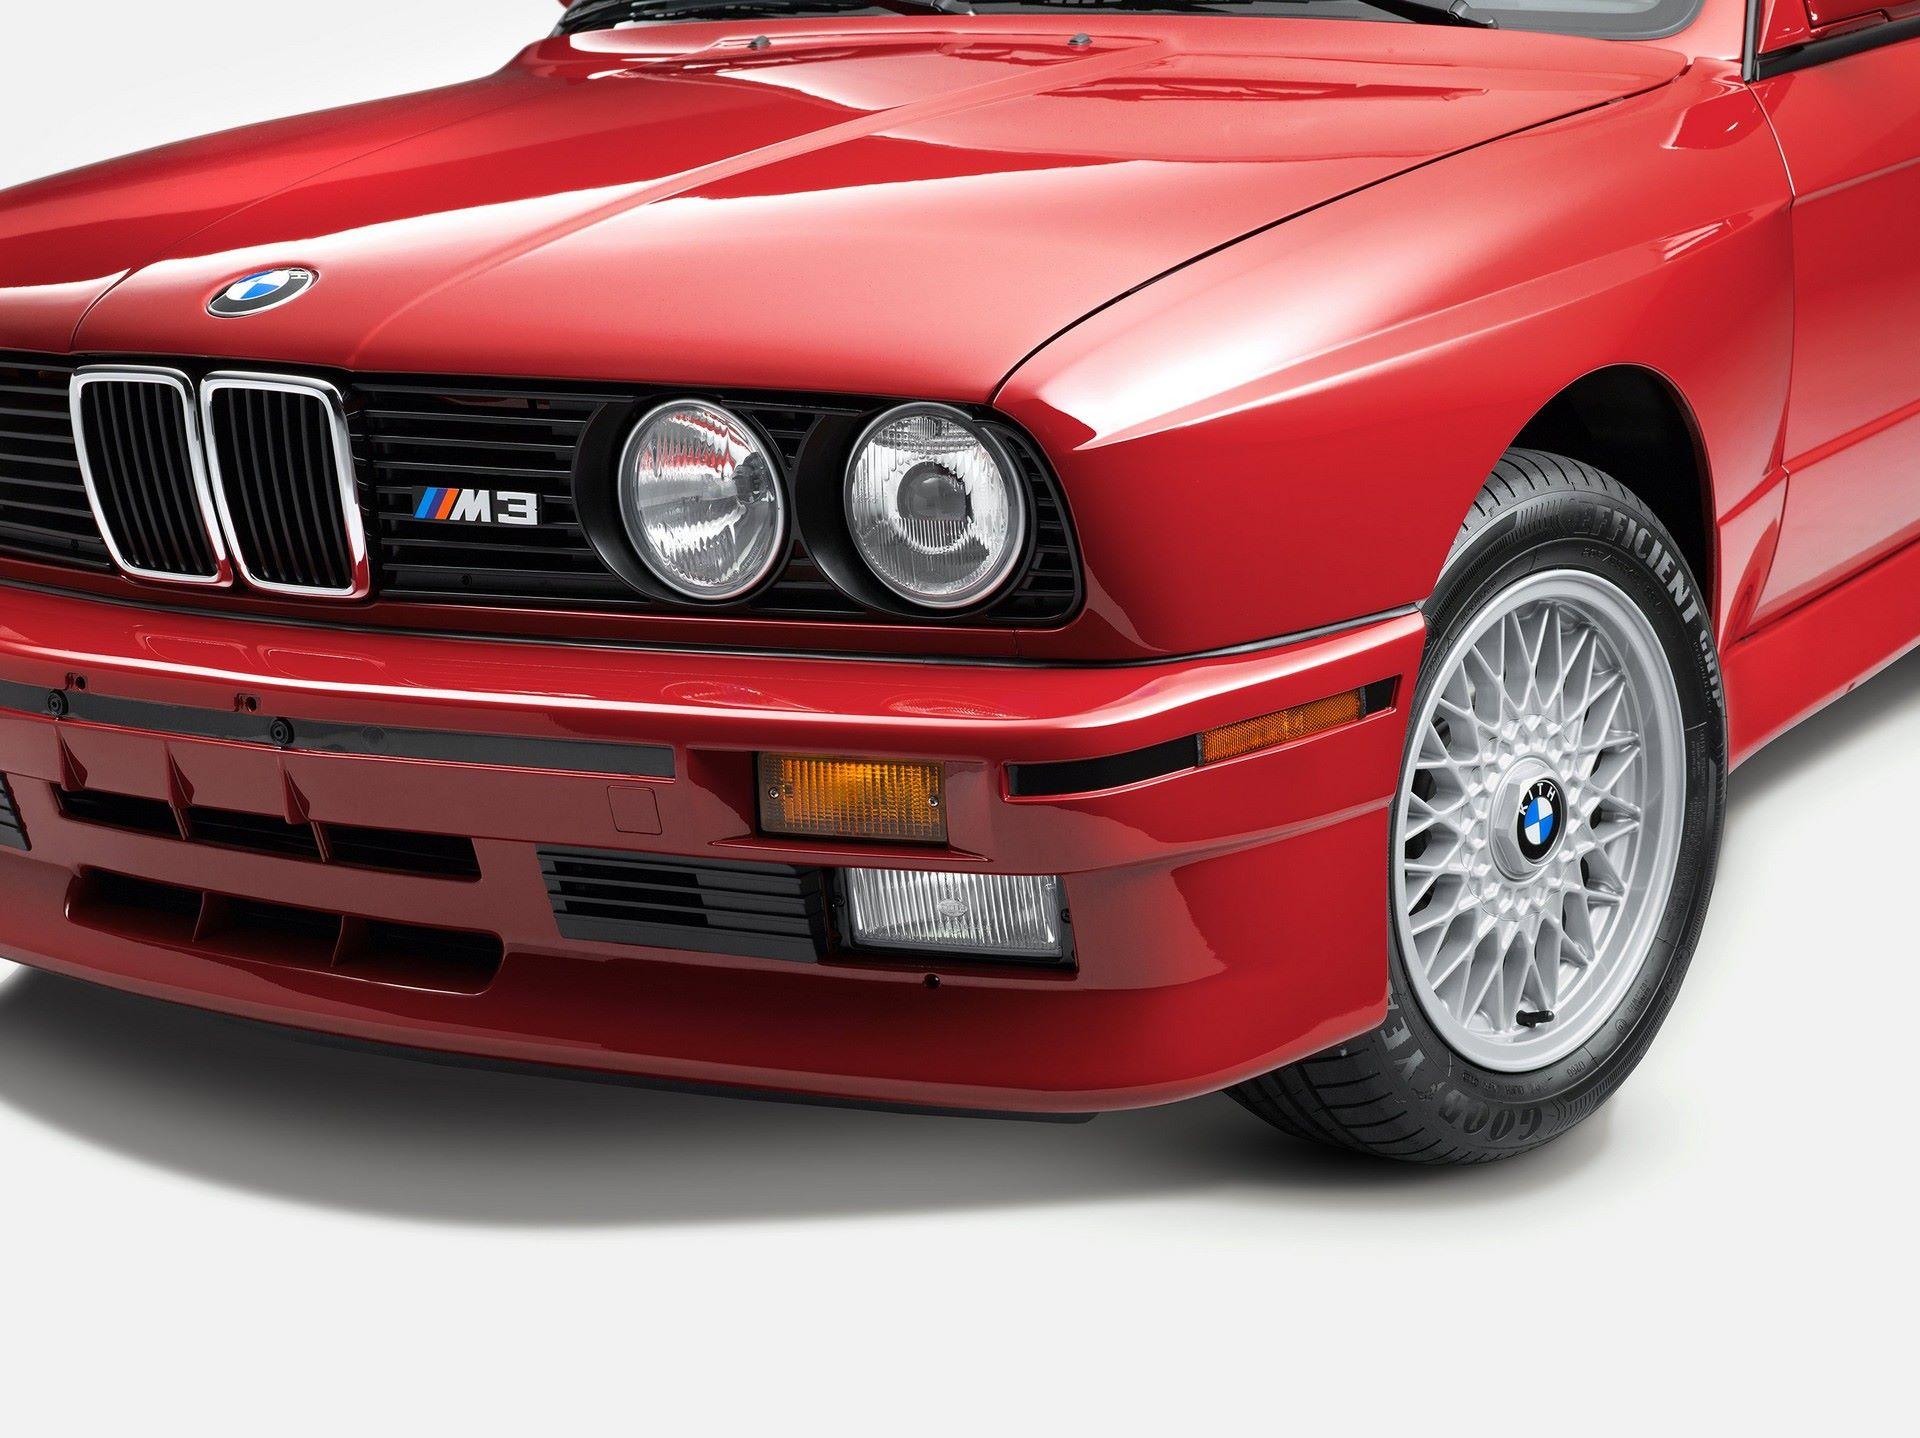 BMW-M3-E30-Ronnie-Fieg-Edition-και-M4-Kith-Concept-9